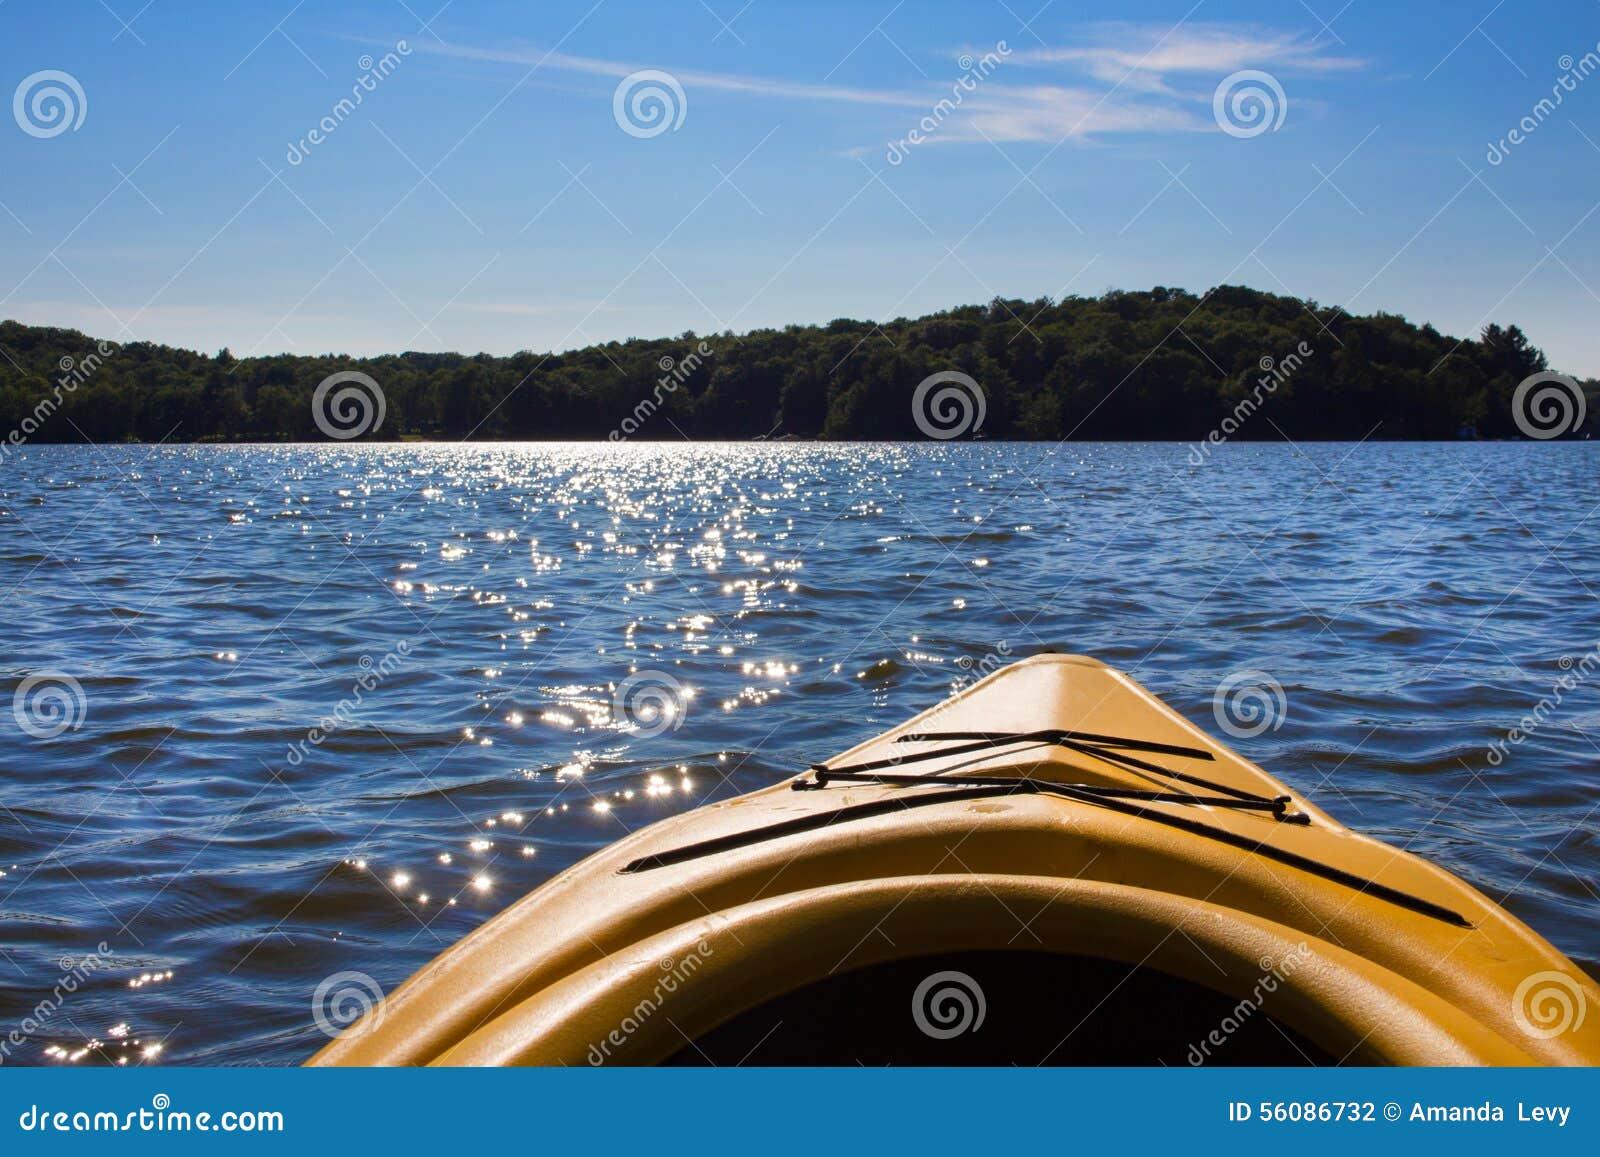 Paisagem de um lago do norte visto de um caiaque